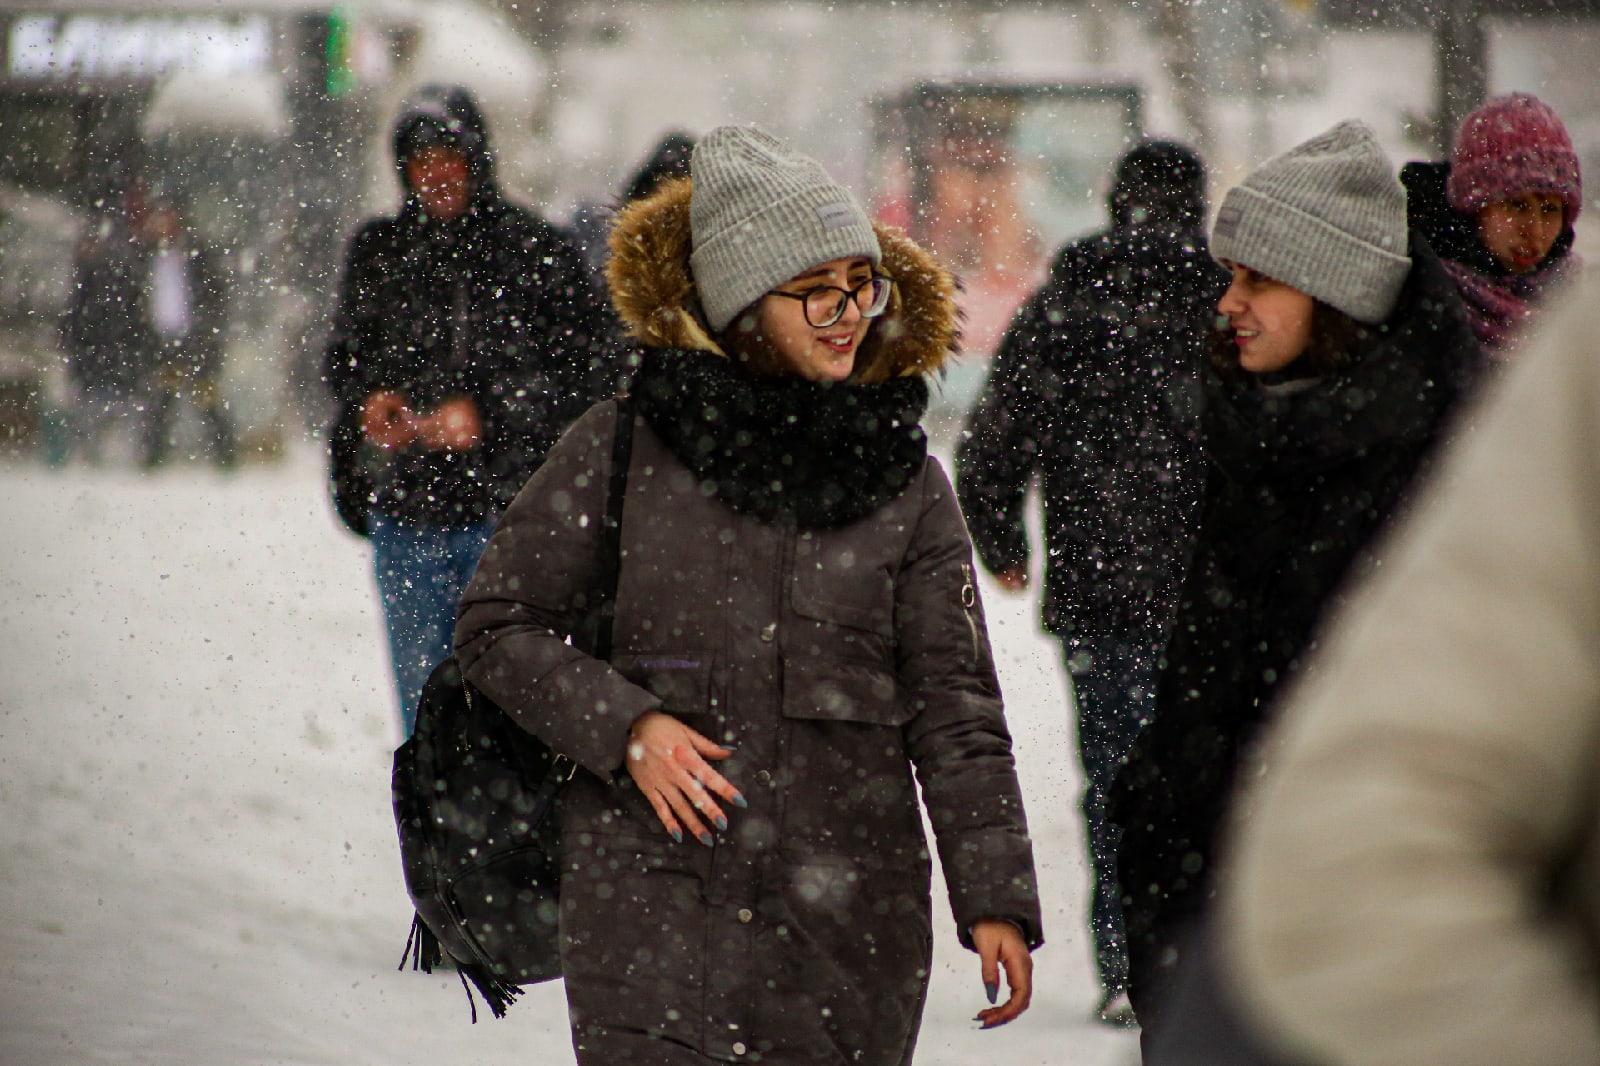 фото Выключите снег: метели с сильным ветром обрушились на Новосибирск 8 февраля 7